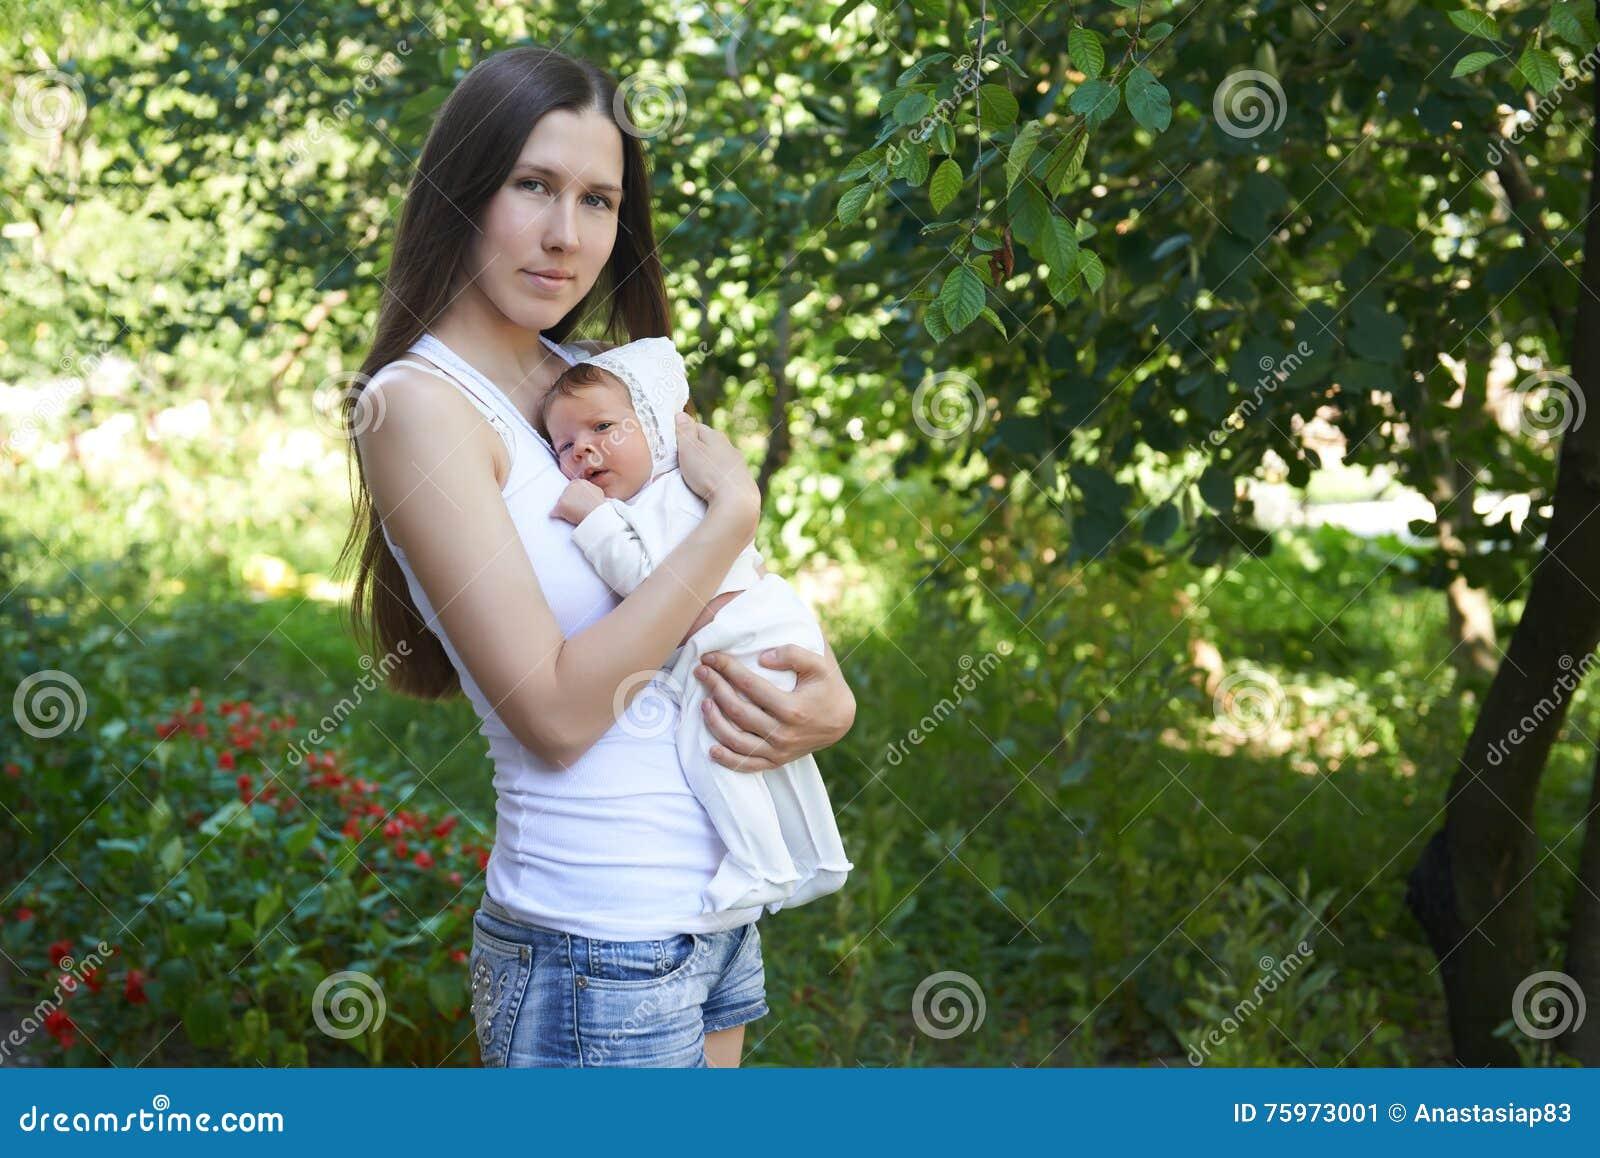 De zomerportret van een jonge moeder met een pasgeboren kind